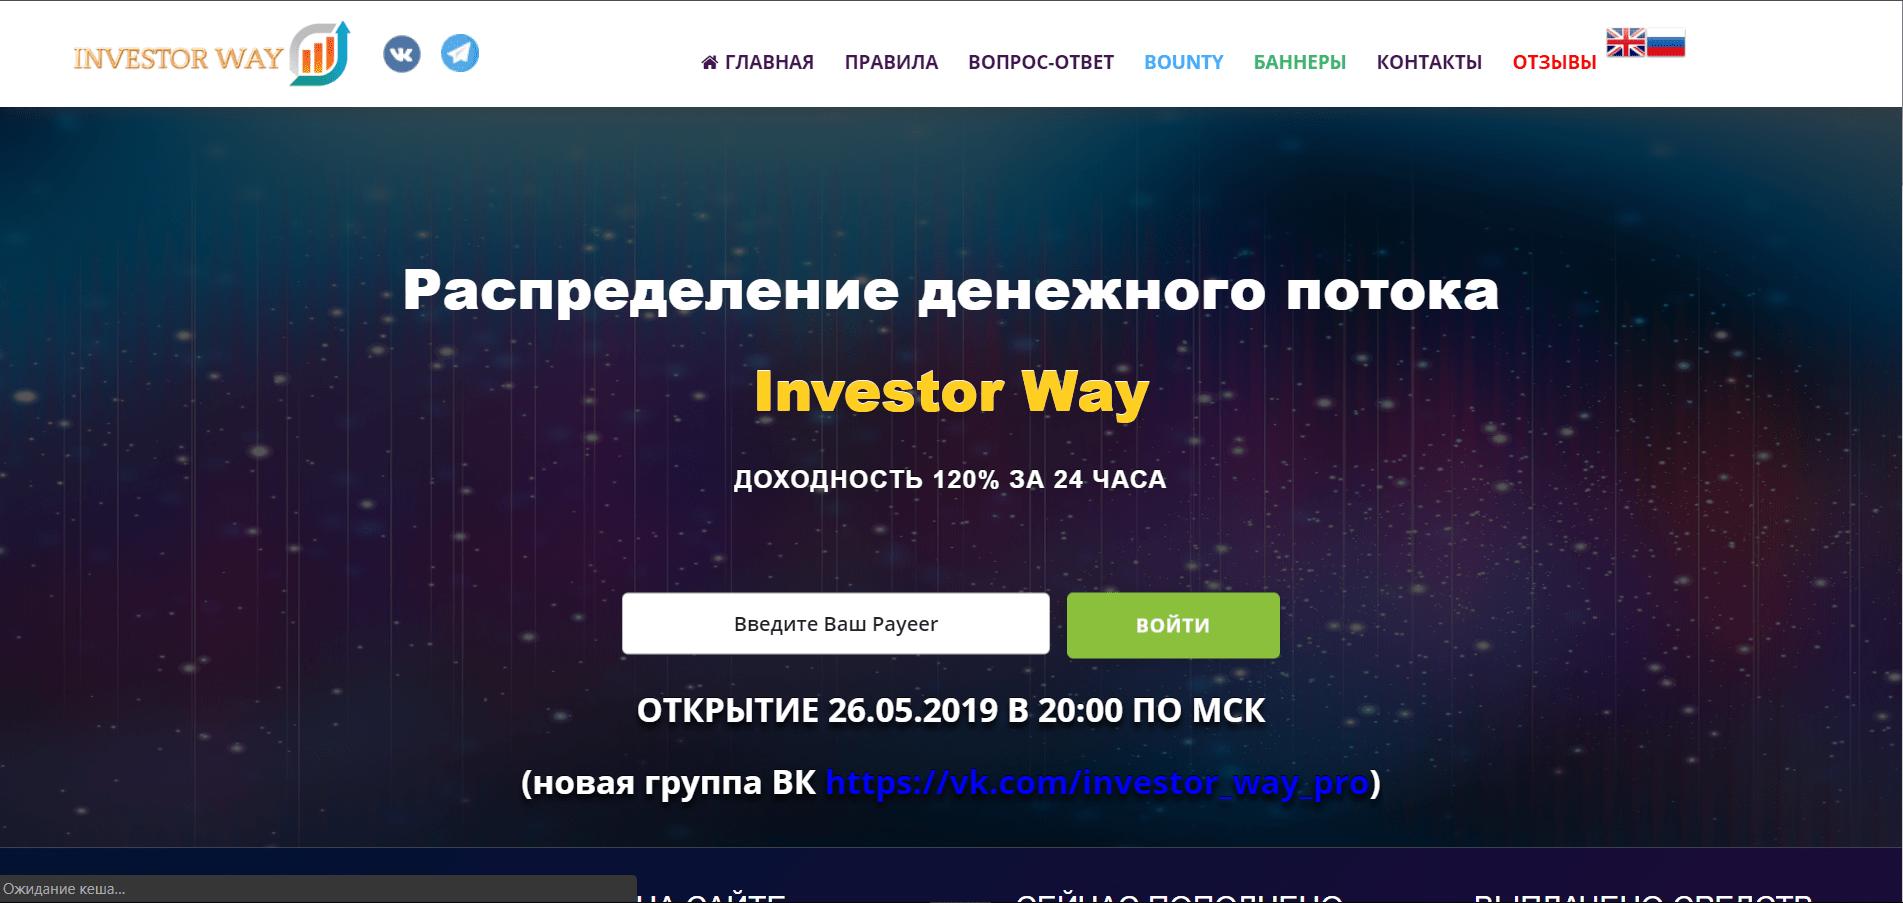 Обзор и отзывы о проекте INVESTOR WAY (СКАМ)